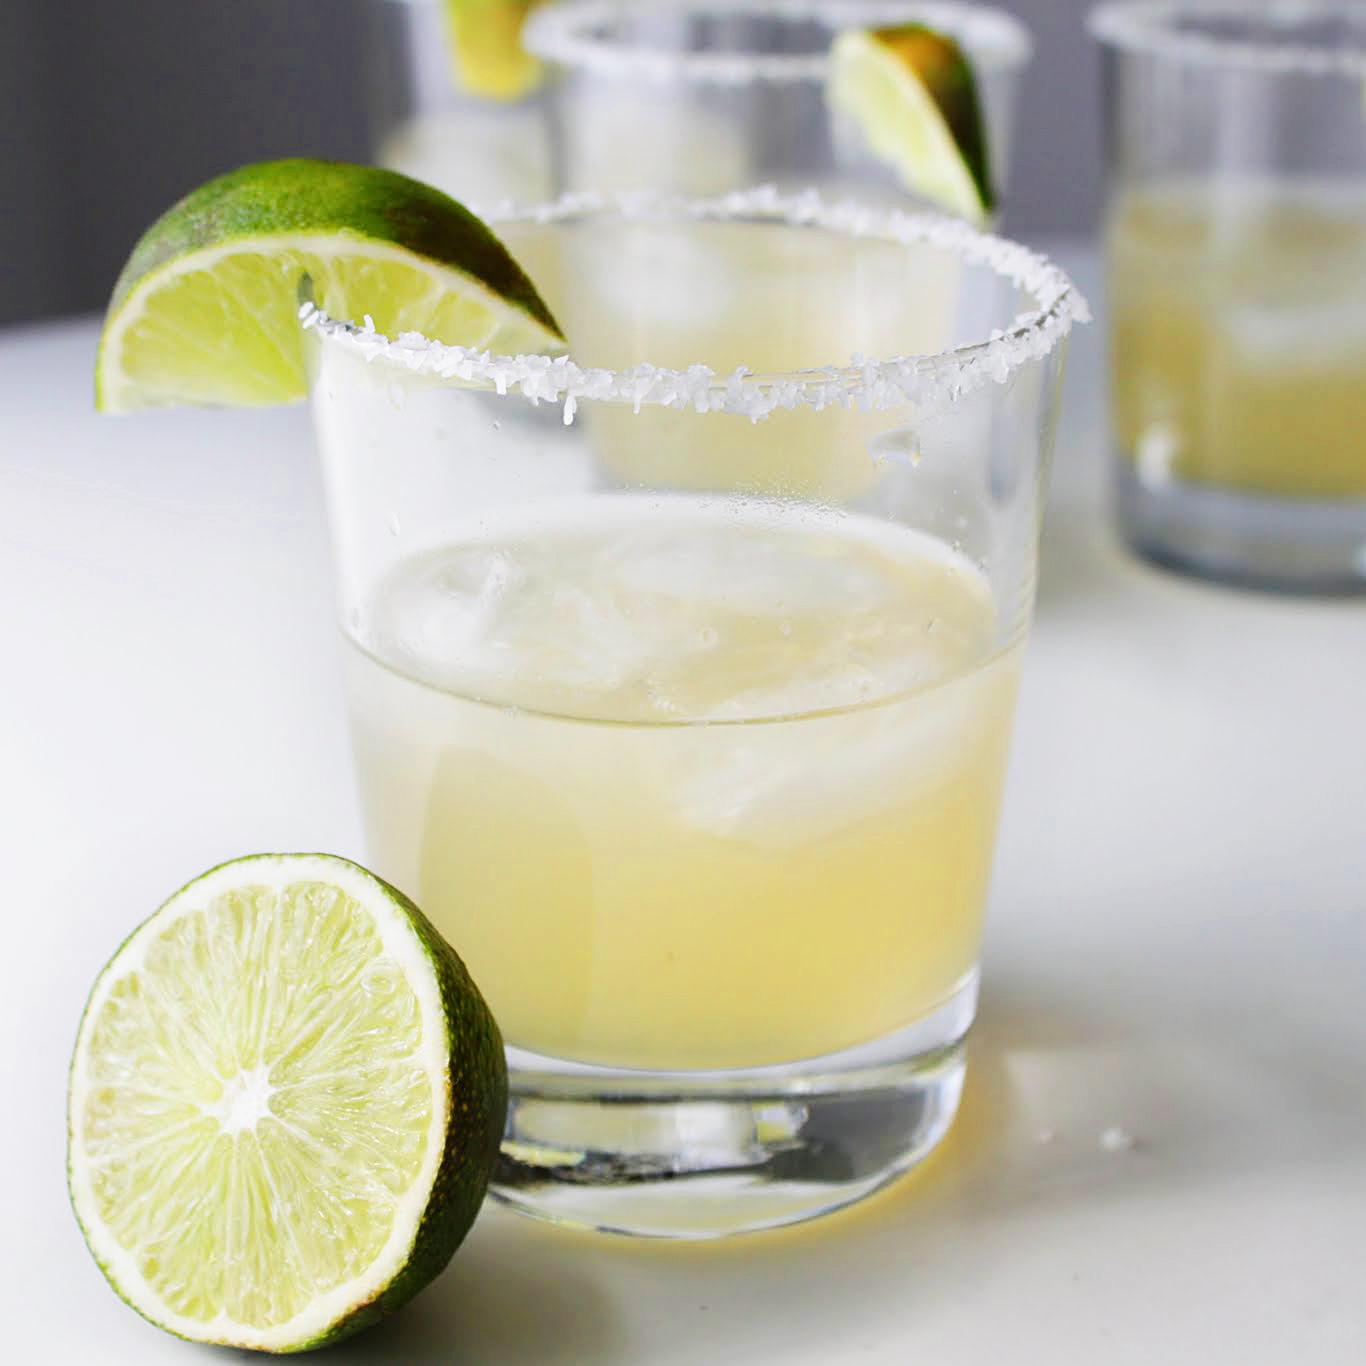 Normal Margaritas, perfect sunlight. : pics